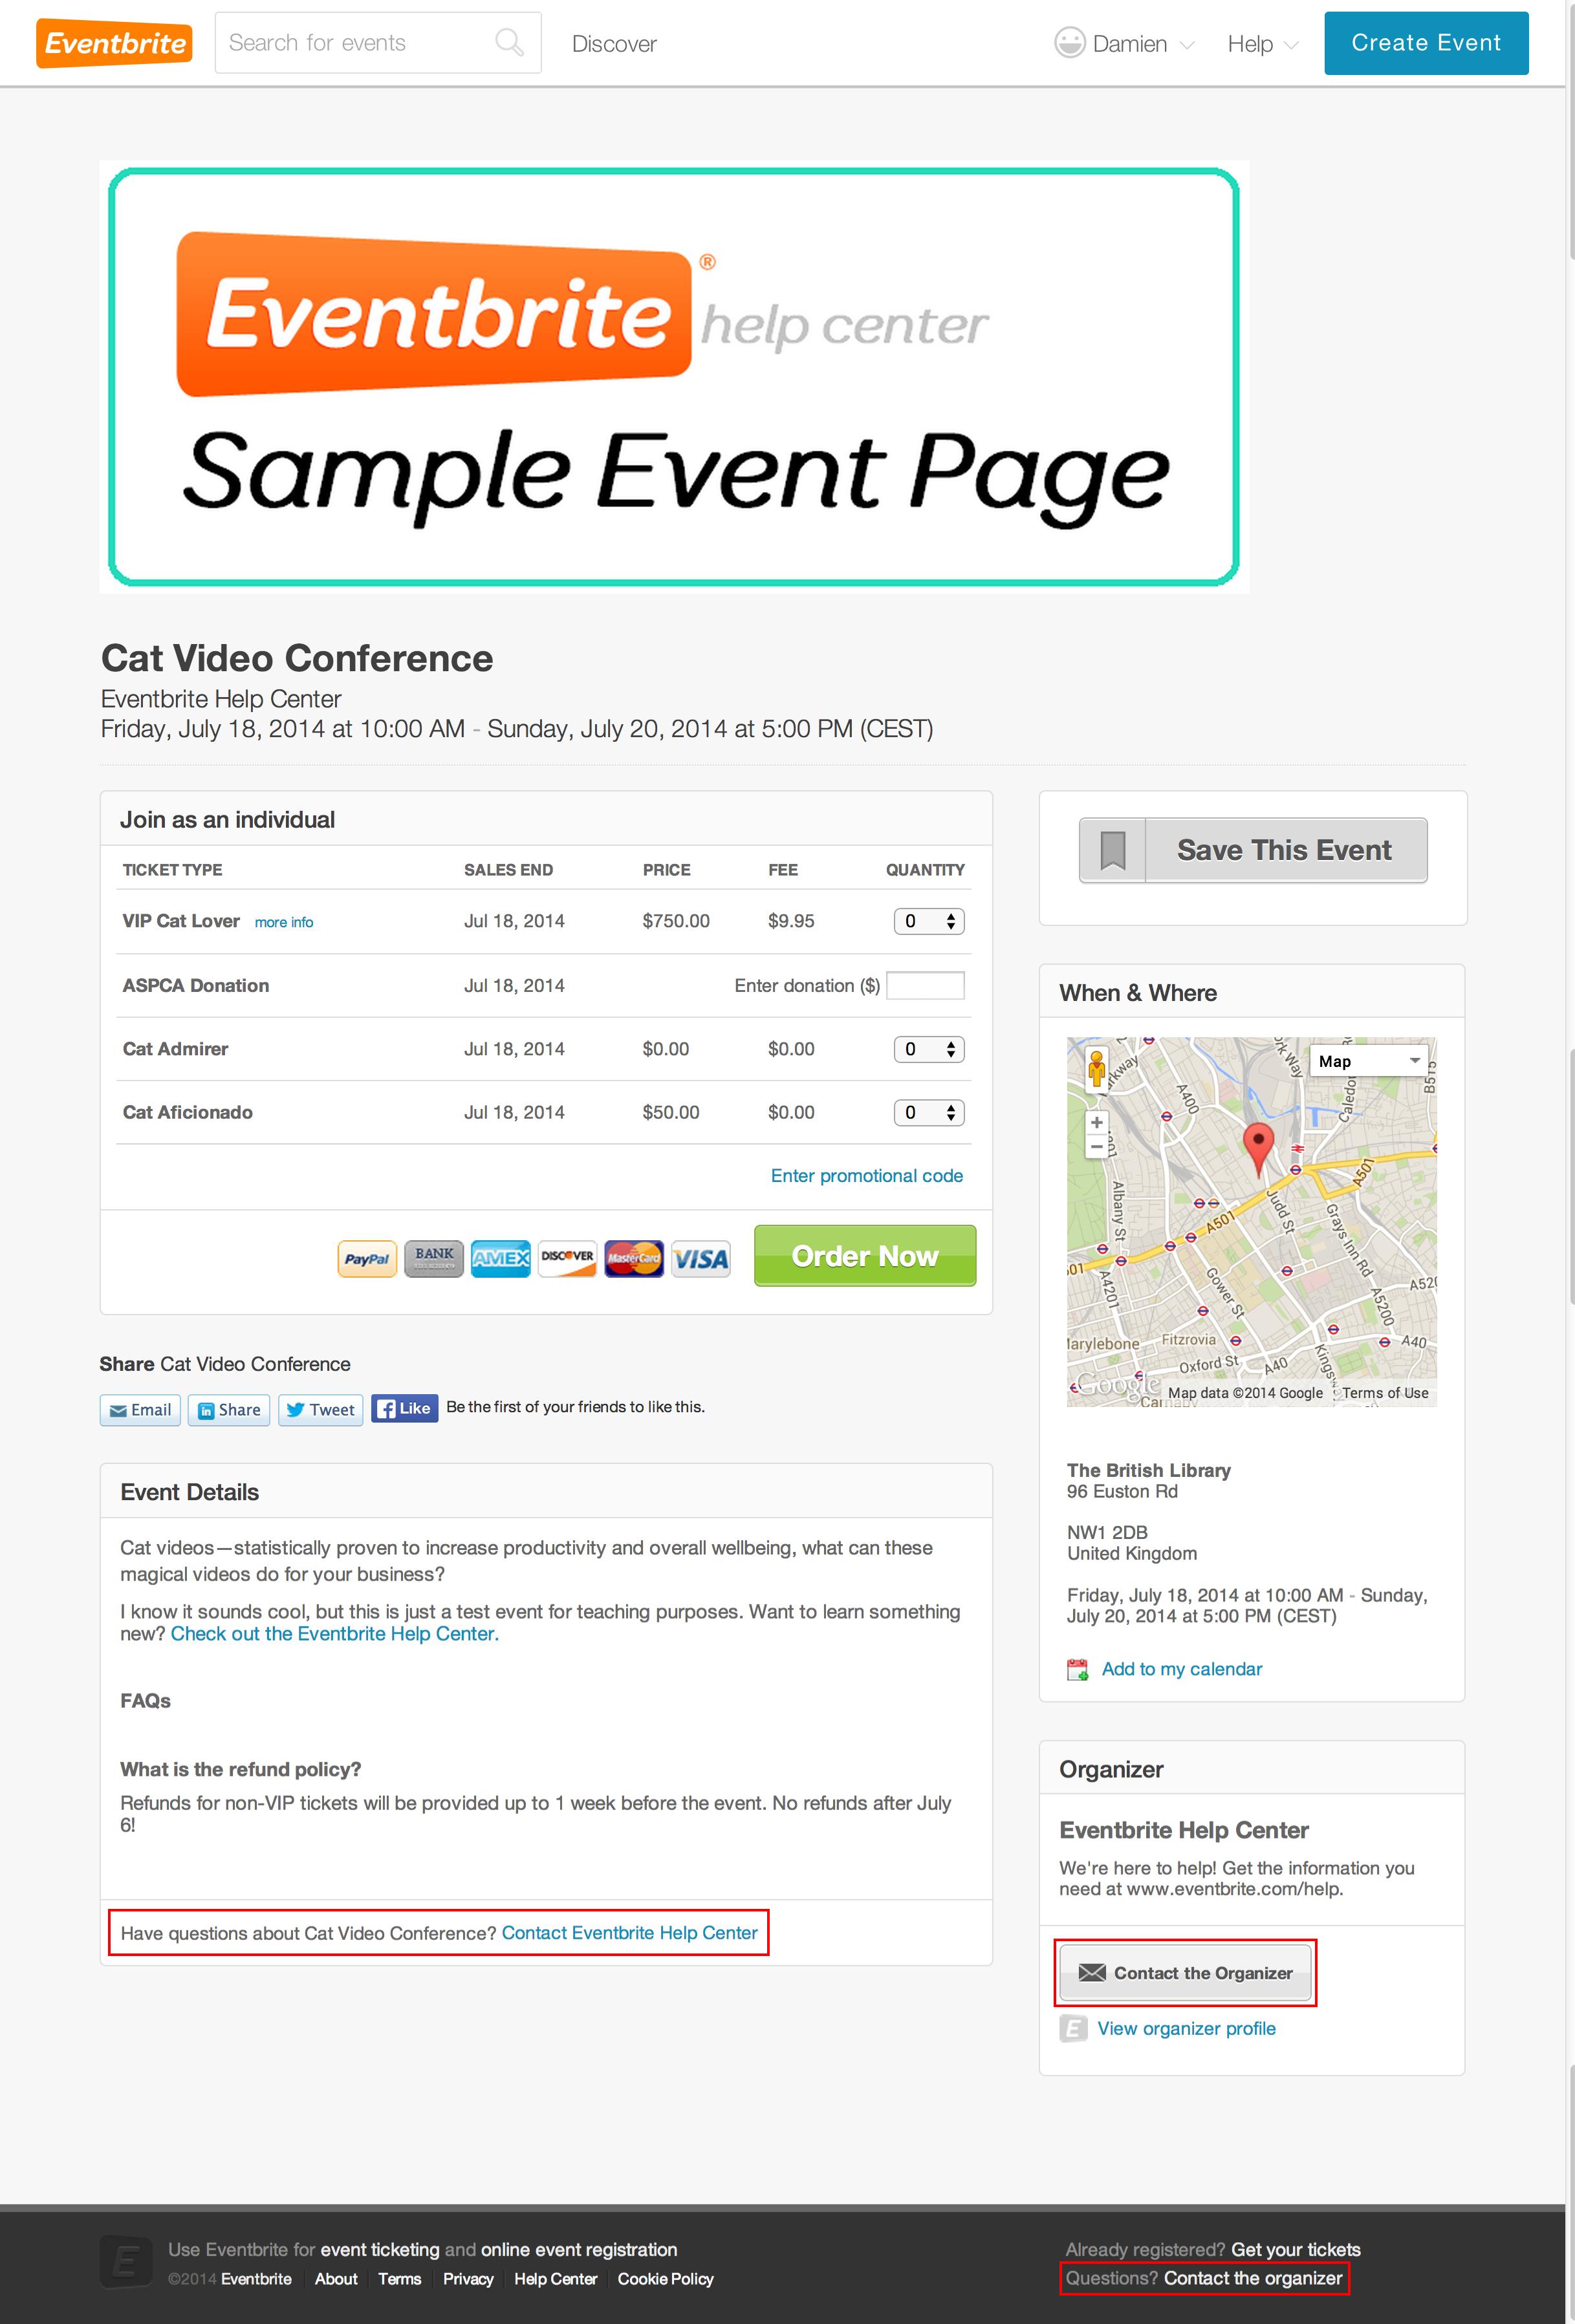 Nell'intestazione, più di pagina, dettagli dell'evento e nella barra laterale destra dell'evento sono disponibili diversi link per contattare l'organizzatore dell'evento.